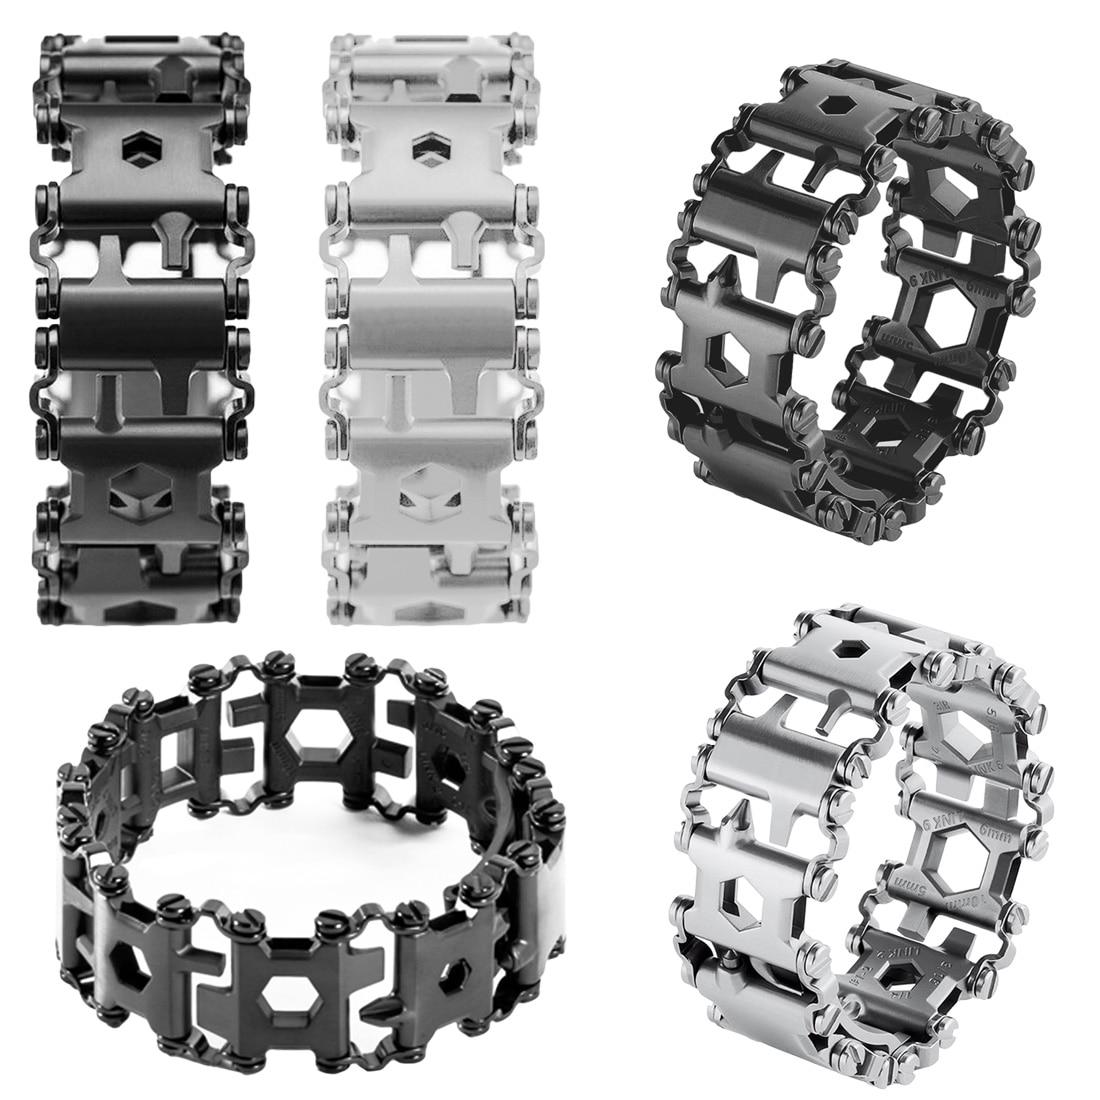 Chaude 29 Dans 1 Multi-fonction Roulement Portable Bracelet Bracelet Multi-fonction Tournevis Trousse D'urgence En Plein Air Multi Outil